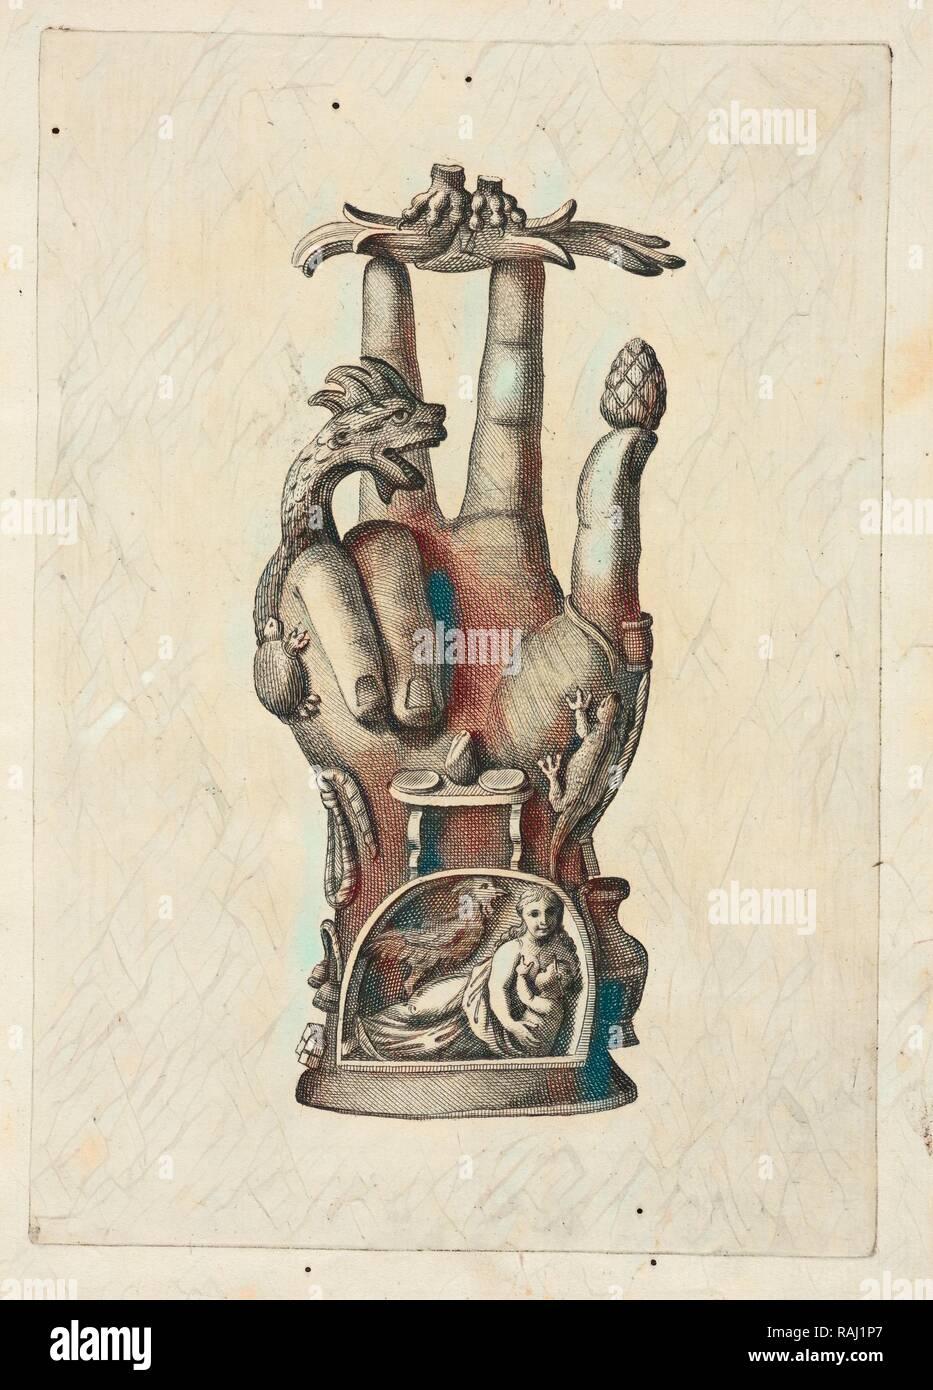 Mano di bronzo, detta Pantea, alcuni monumenti del Museo Carrafa, Daniele, Francesco, 1740-1812, Incisione Incisione reinventato Immagini Stock